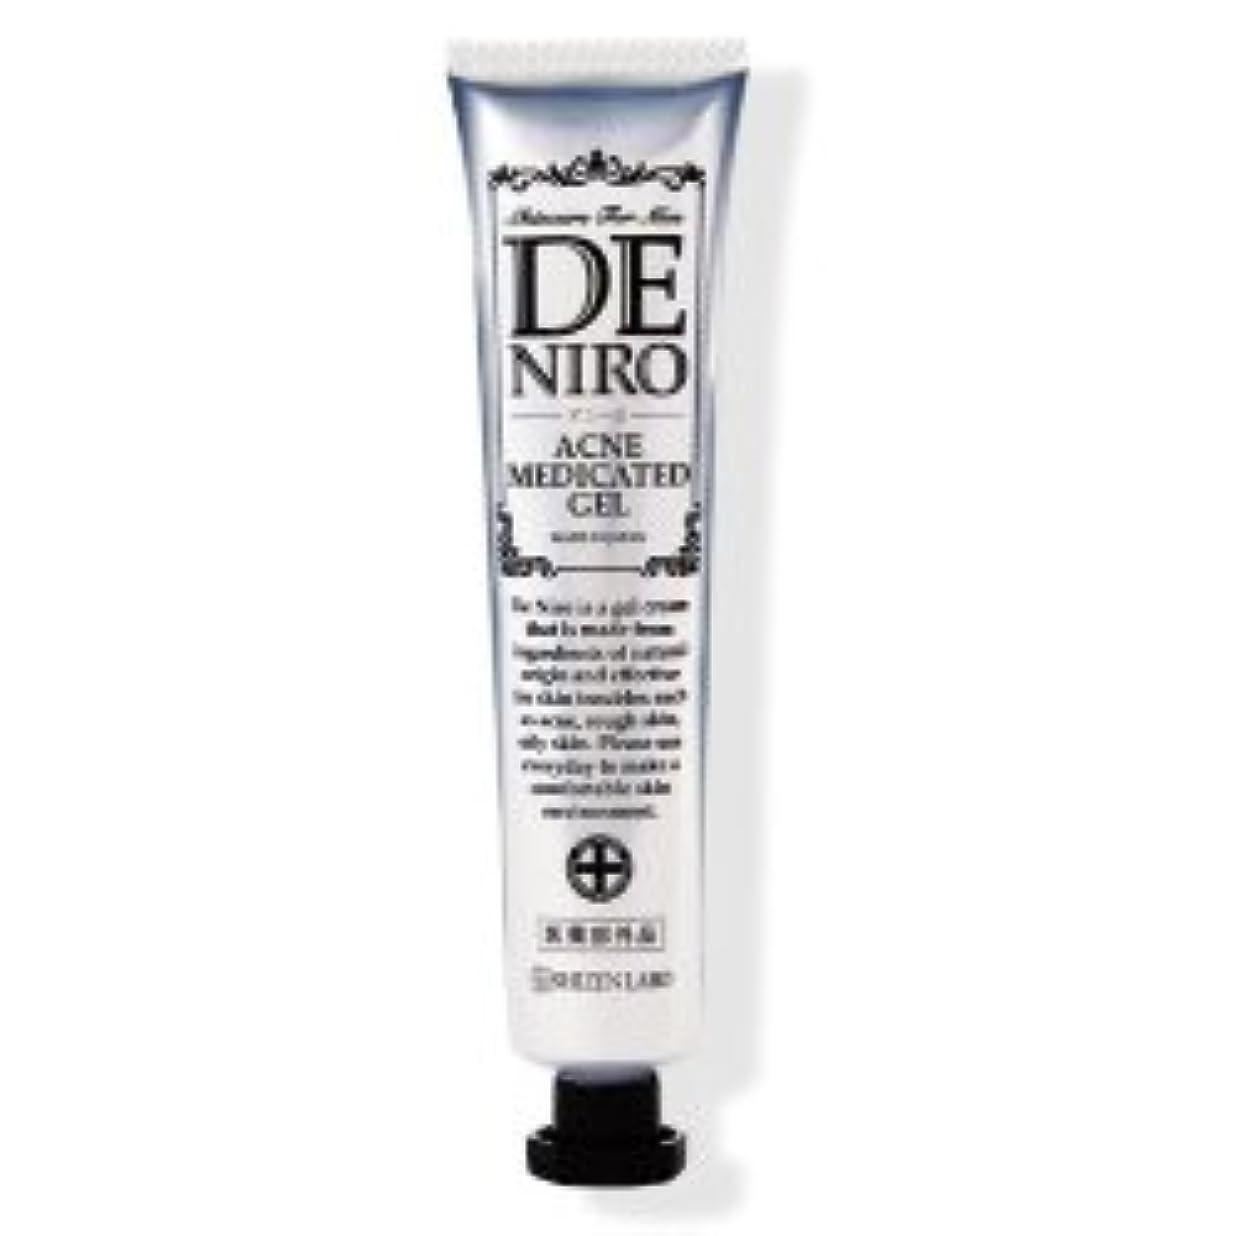 脅威ロッジ水陸両用デニーロ 45g (約1ヵ月分)【公式】薬用 DE NIRO 男のニキビ クリーム